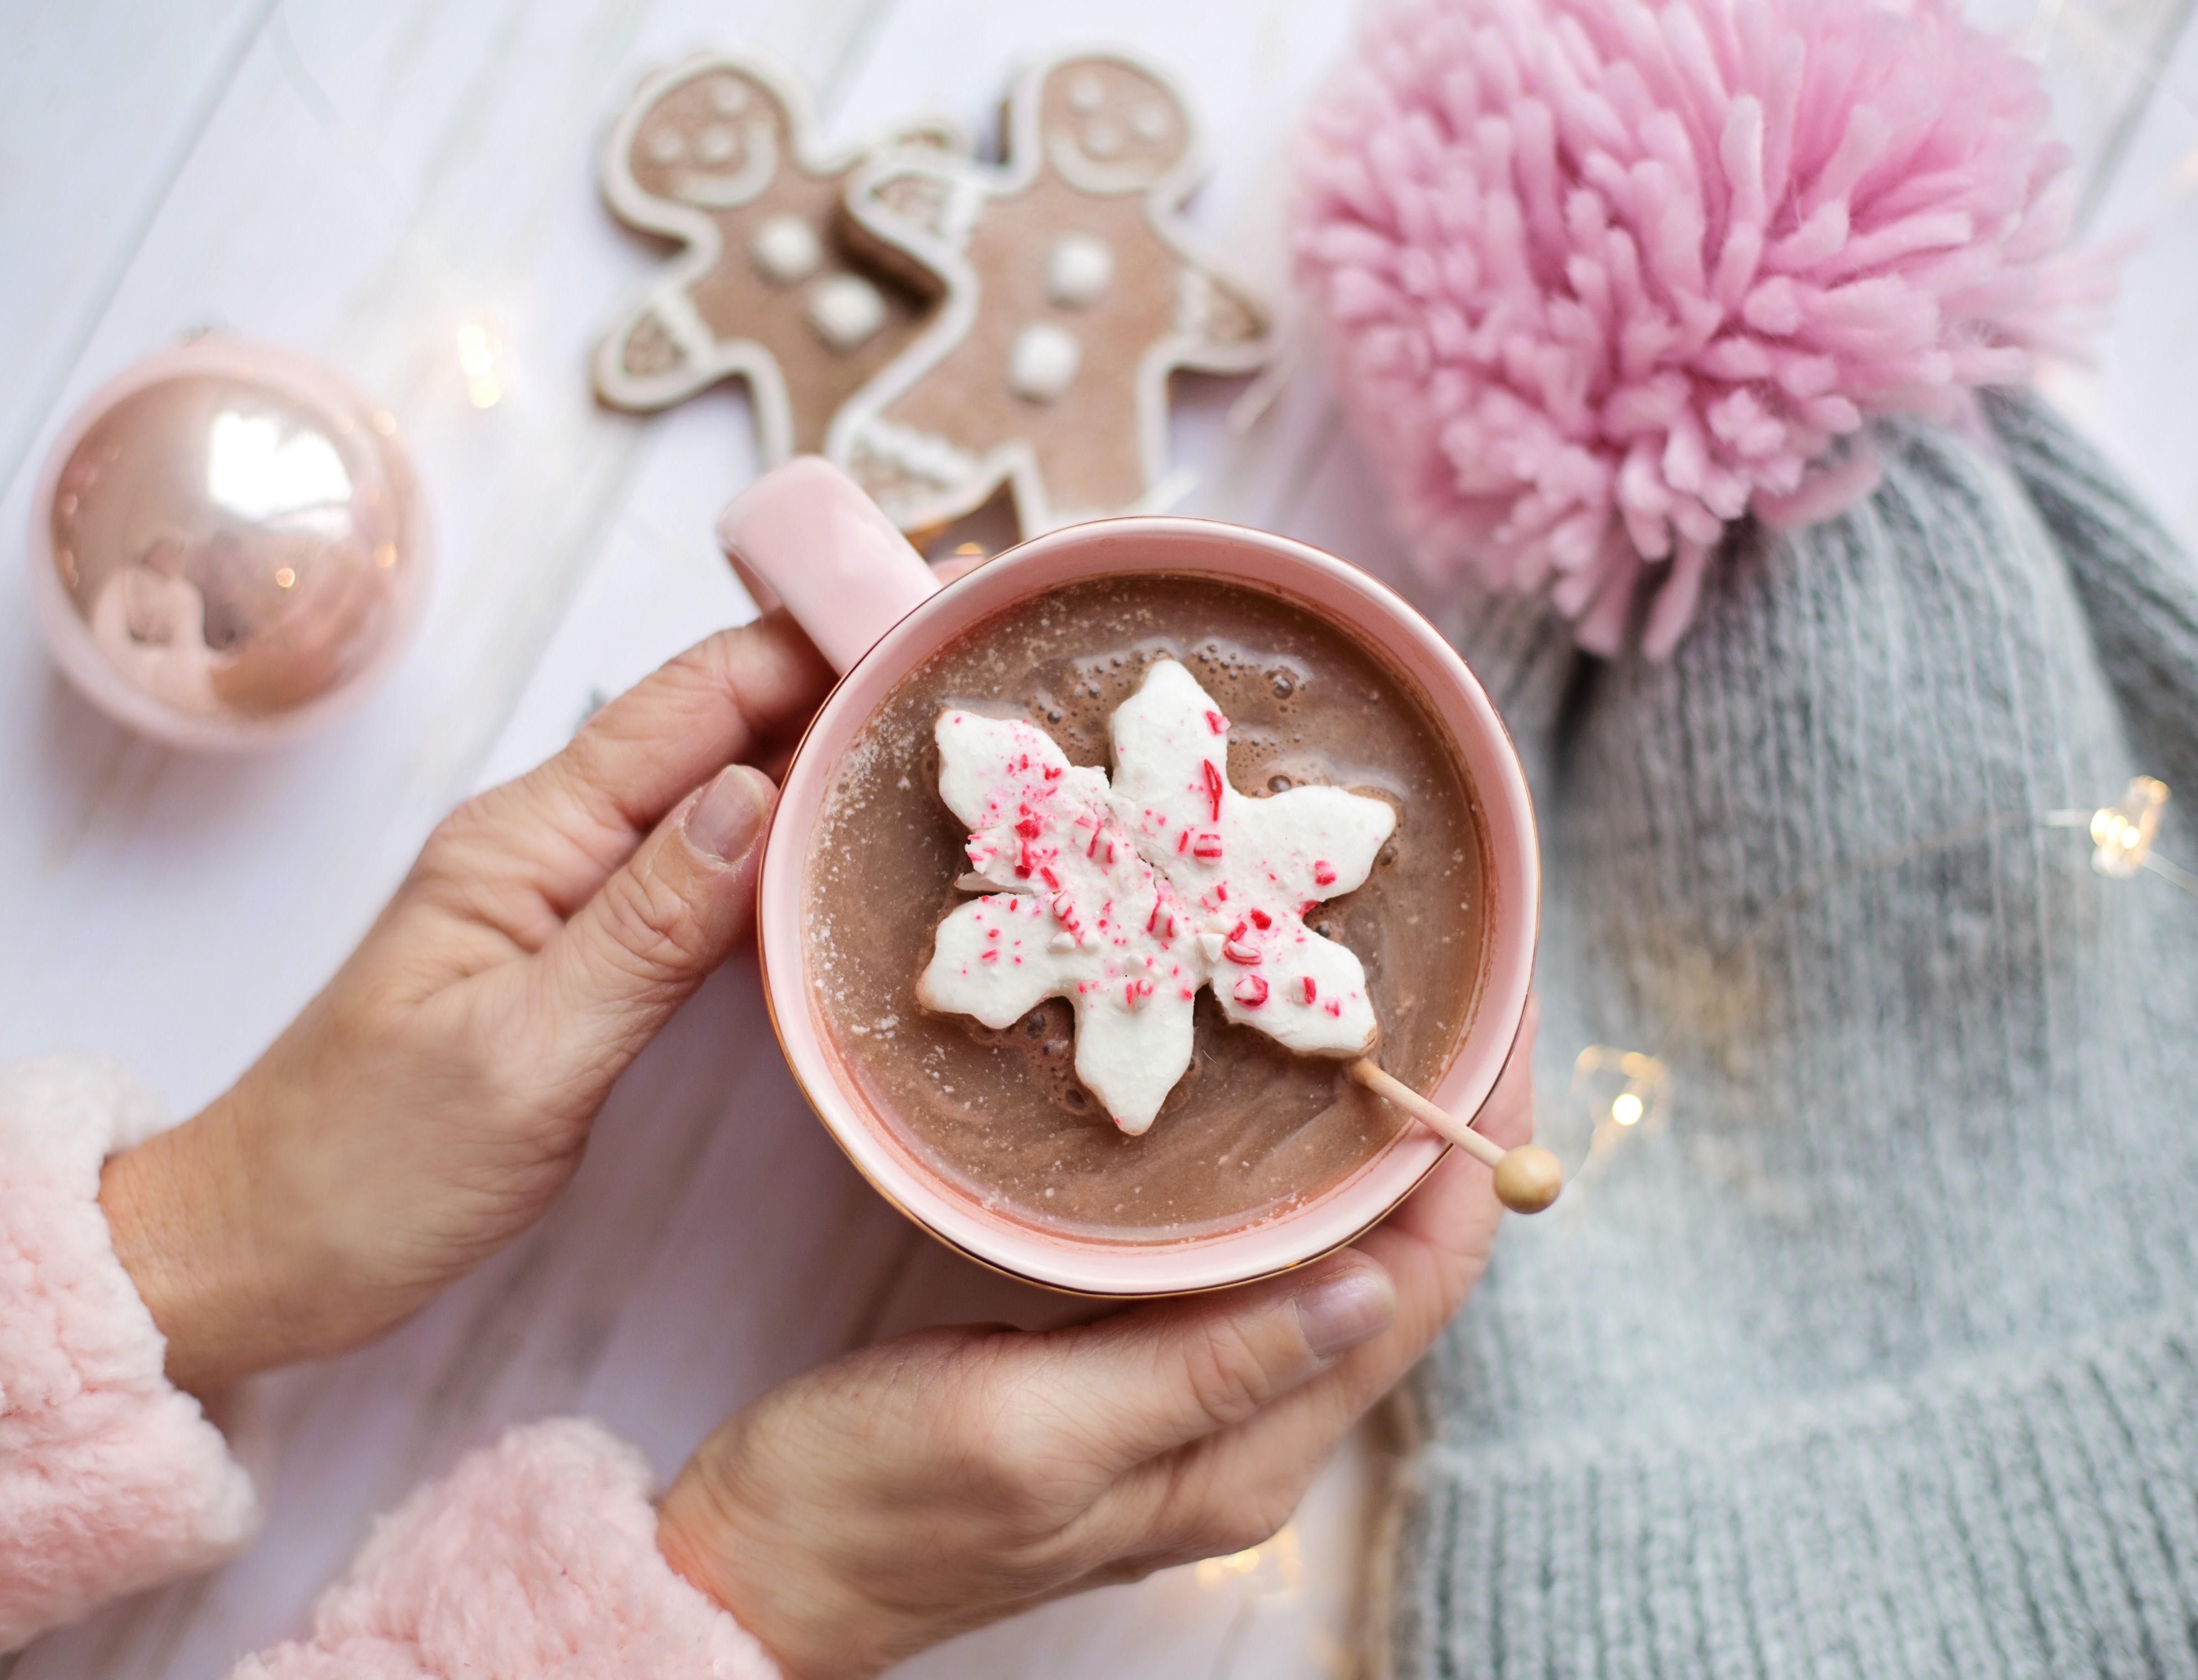 navidad saludable conciencia nutricional capricho chocolateok - 8 TIPS PARA UNA NAVIDAD SALUDABLE